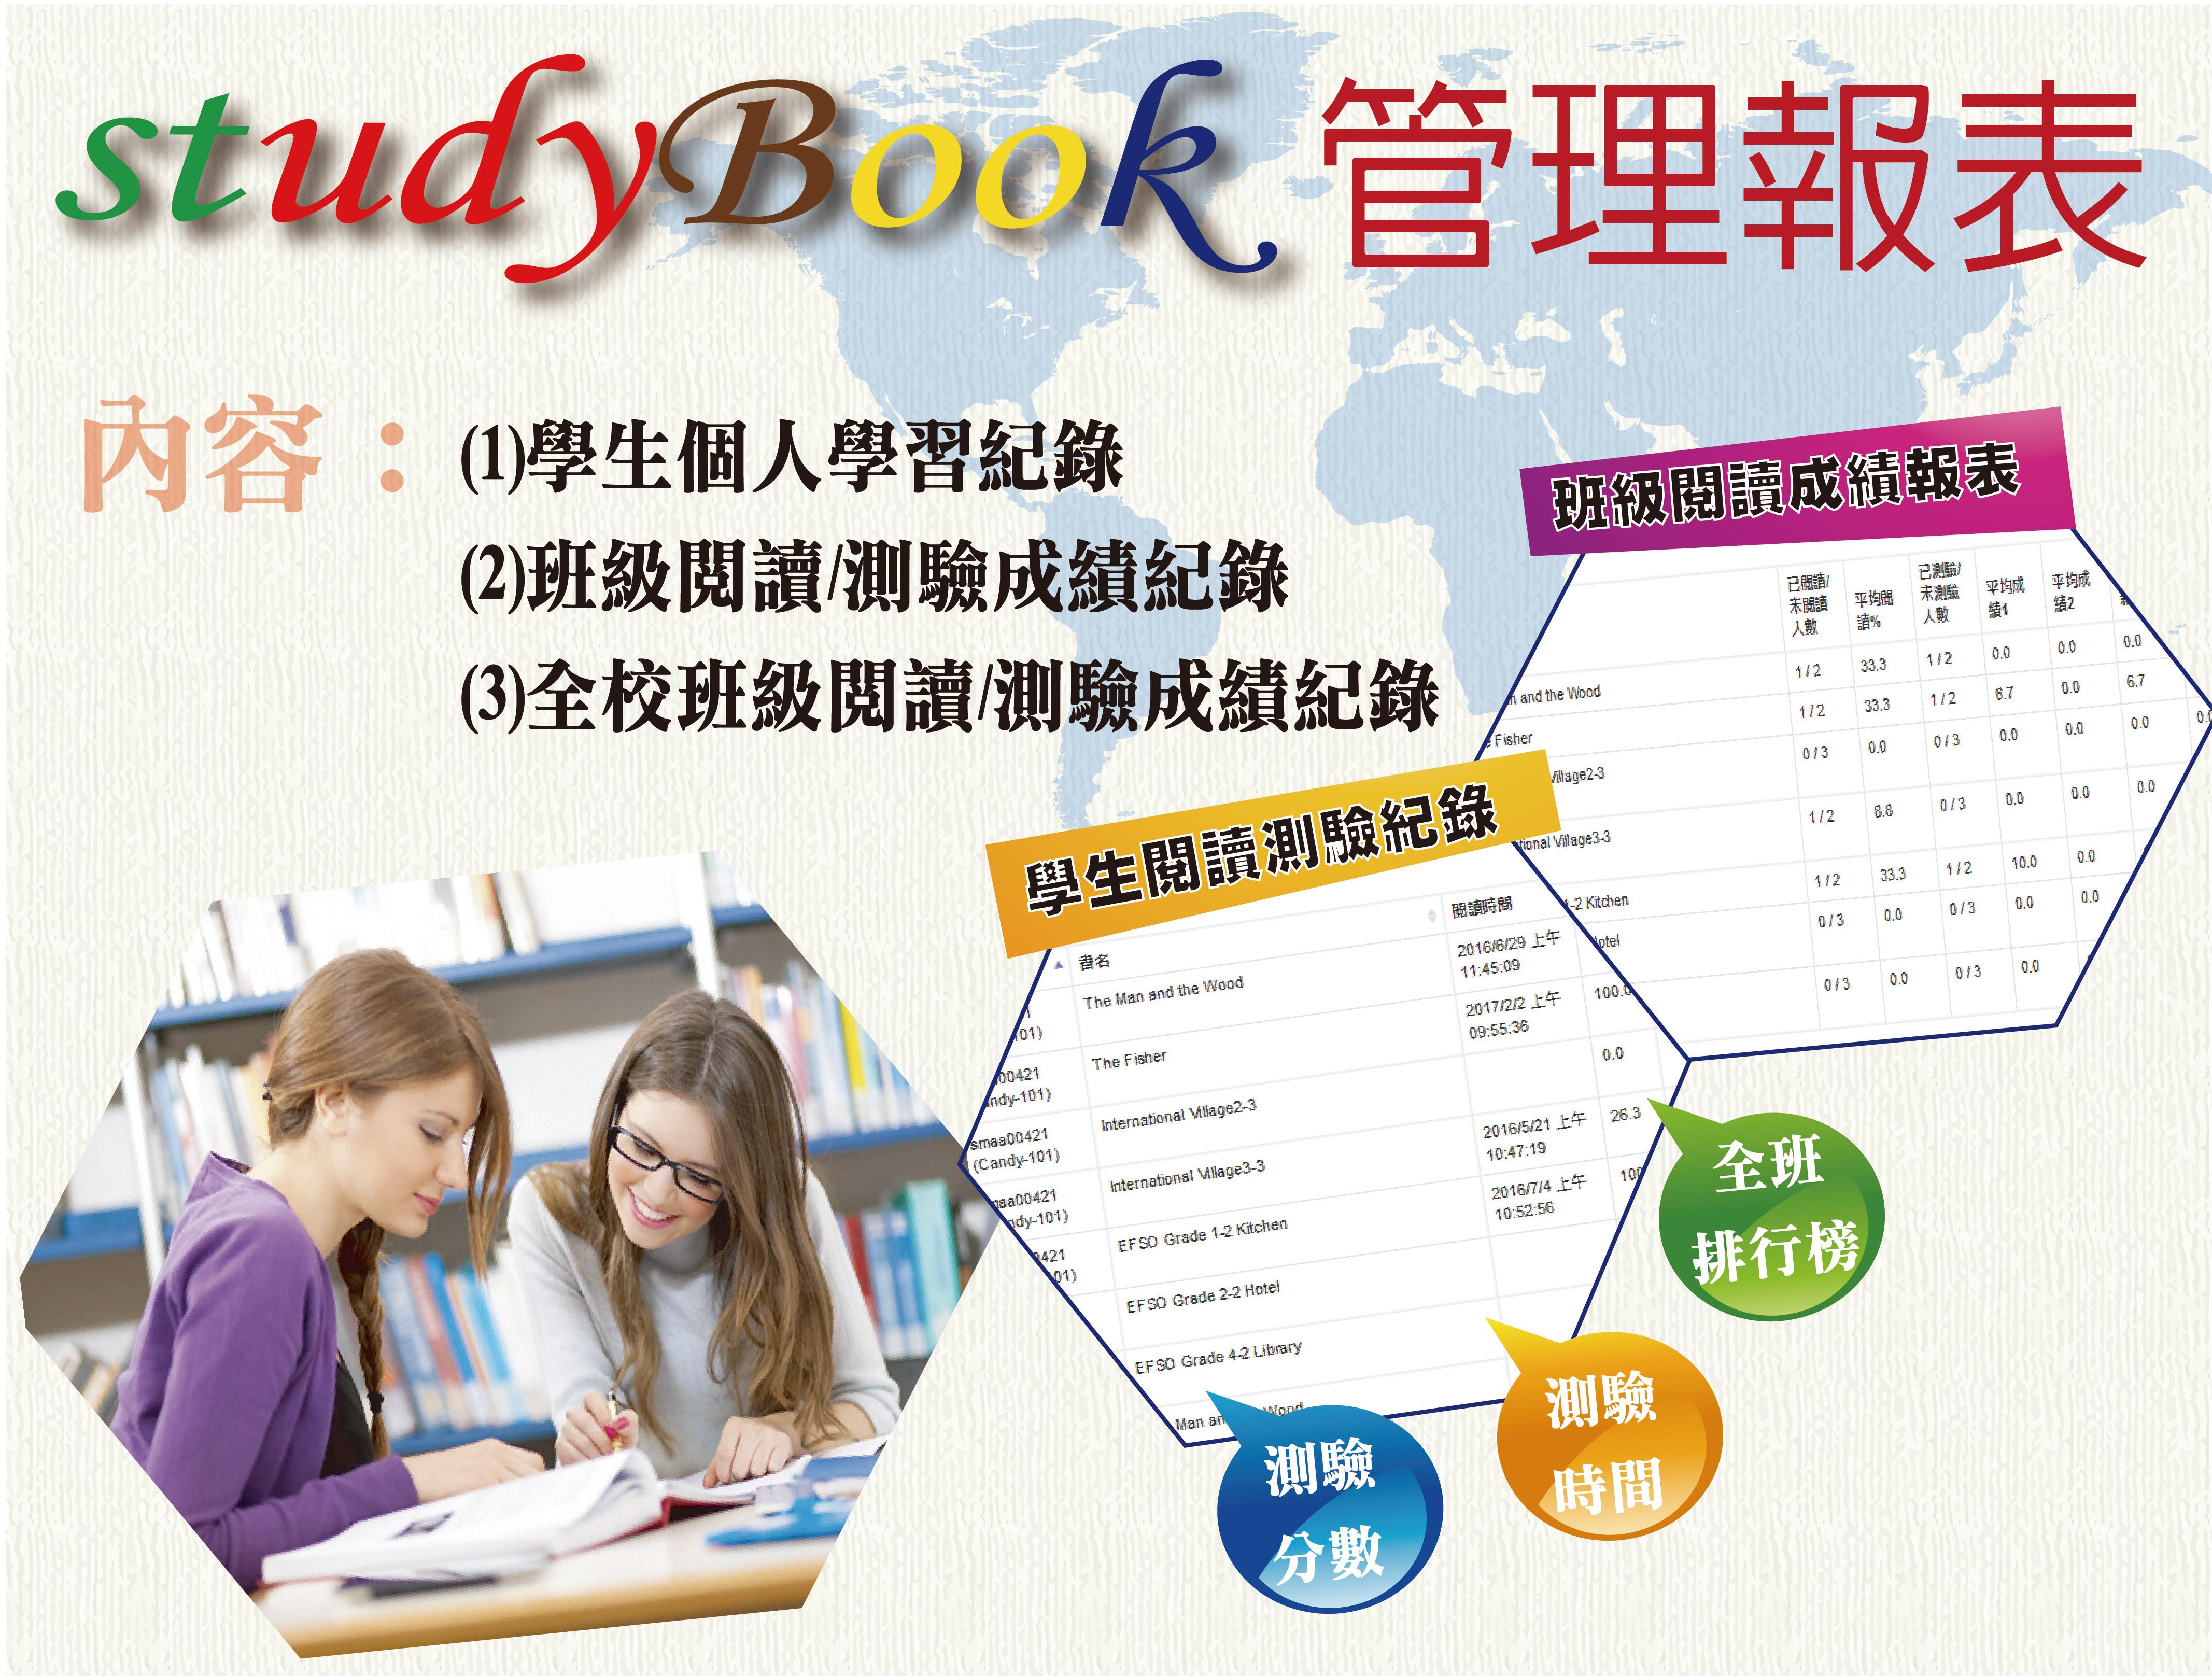 教育局-studybook管理報表0420-01.jpg